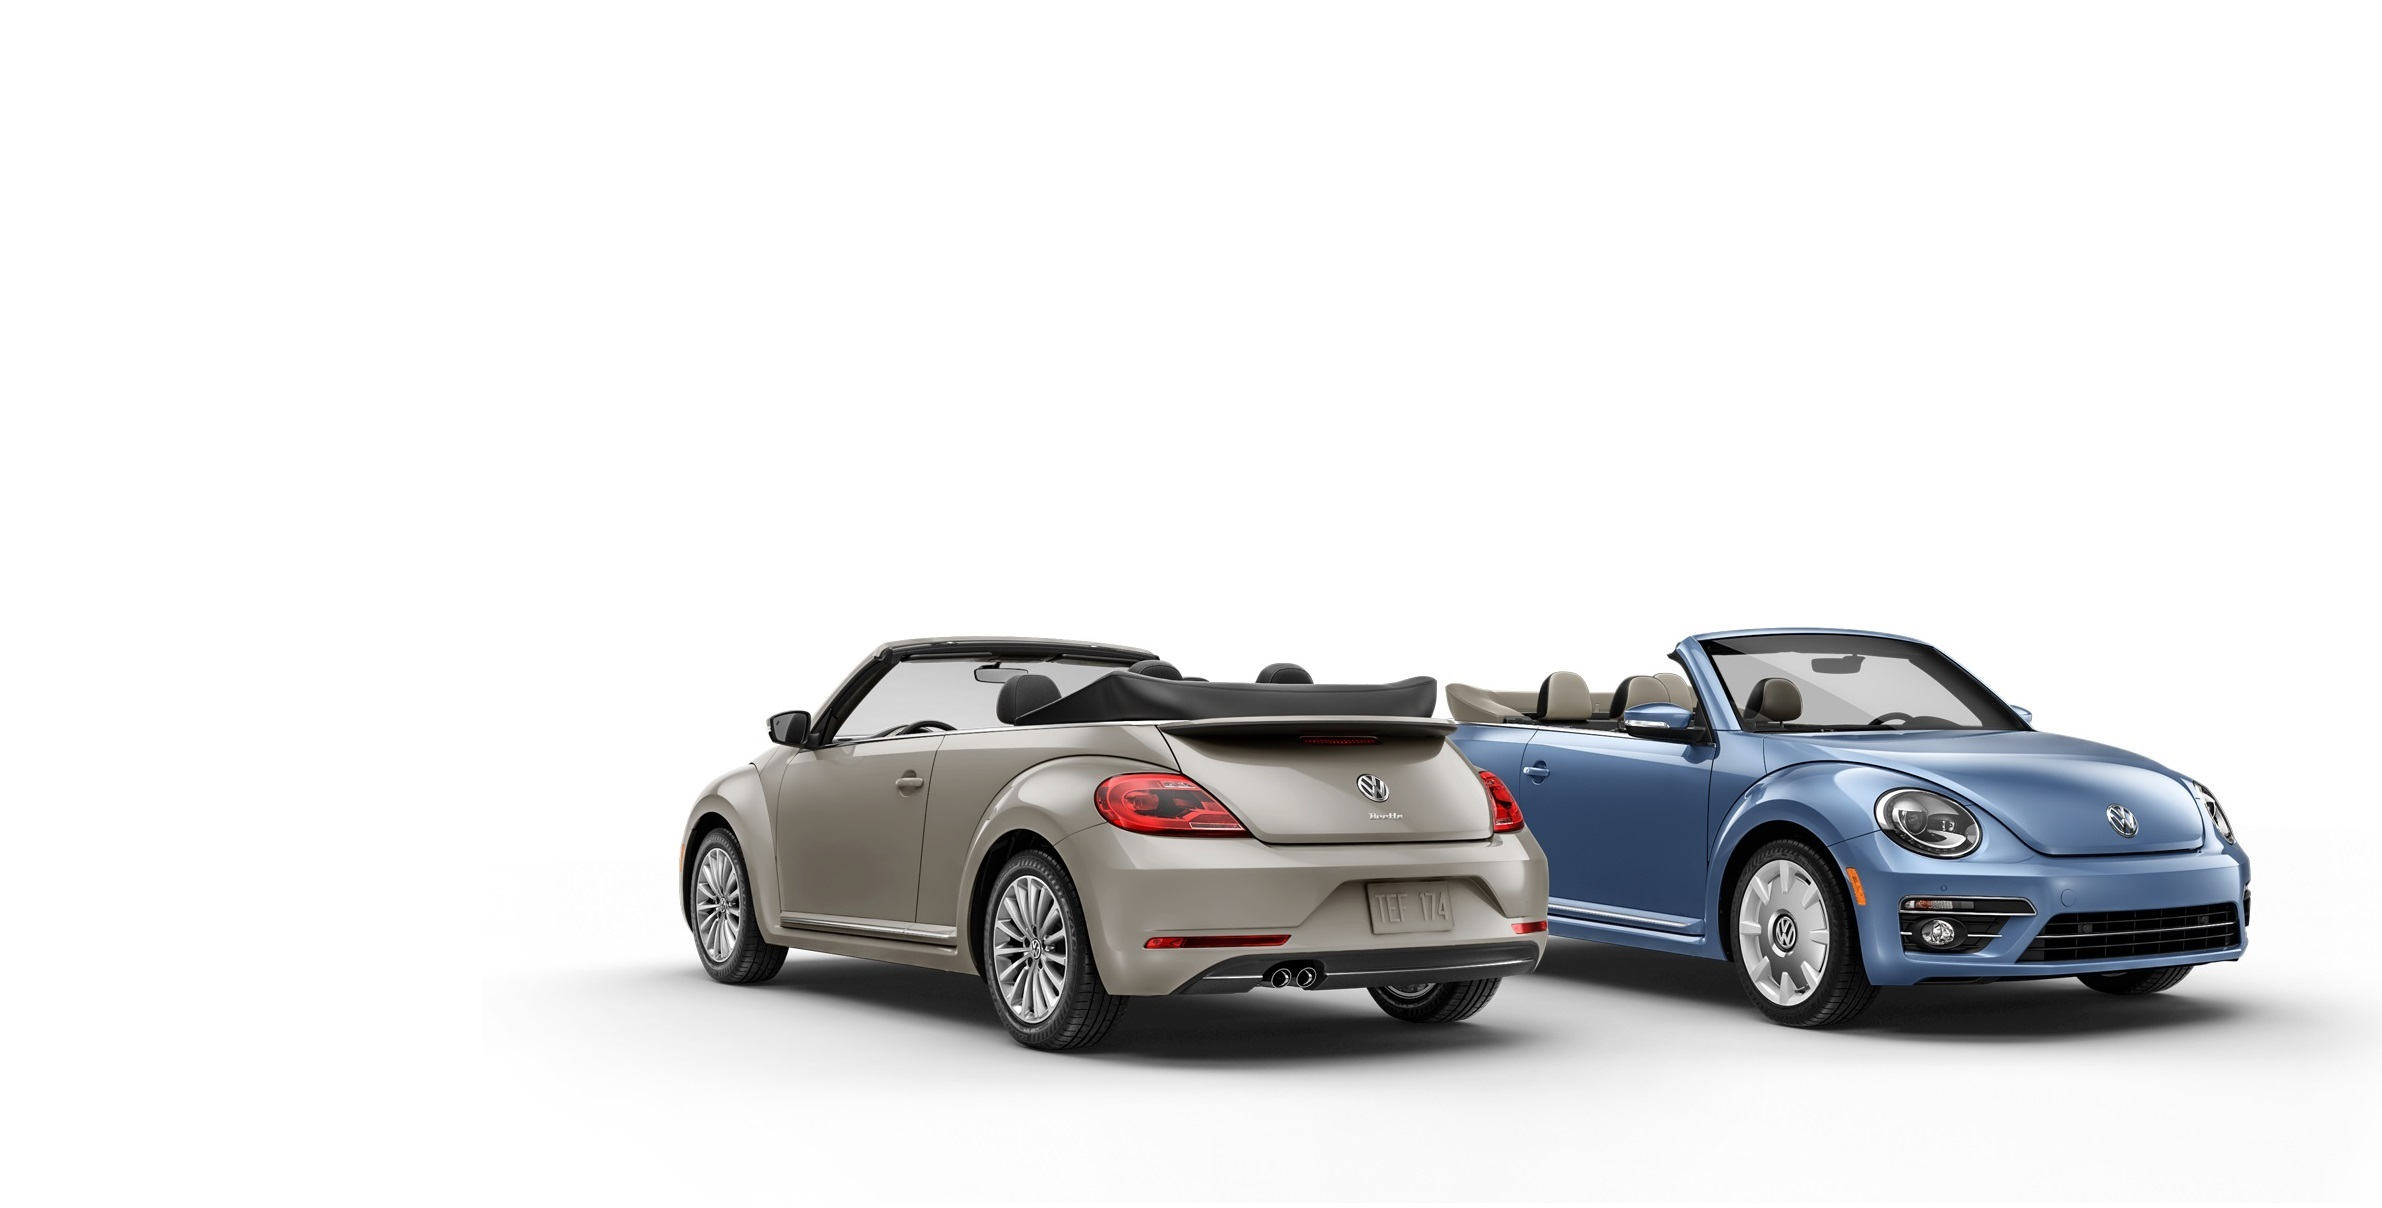 Volkswagen anunció que terminará la producción en México del emblemático Beetle